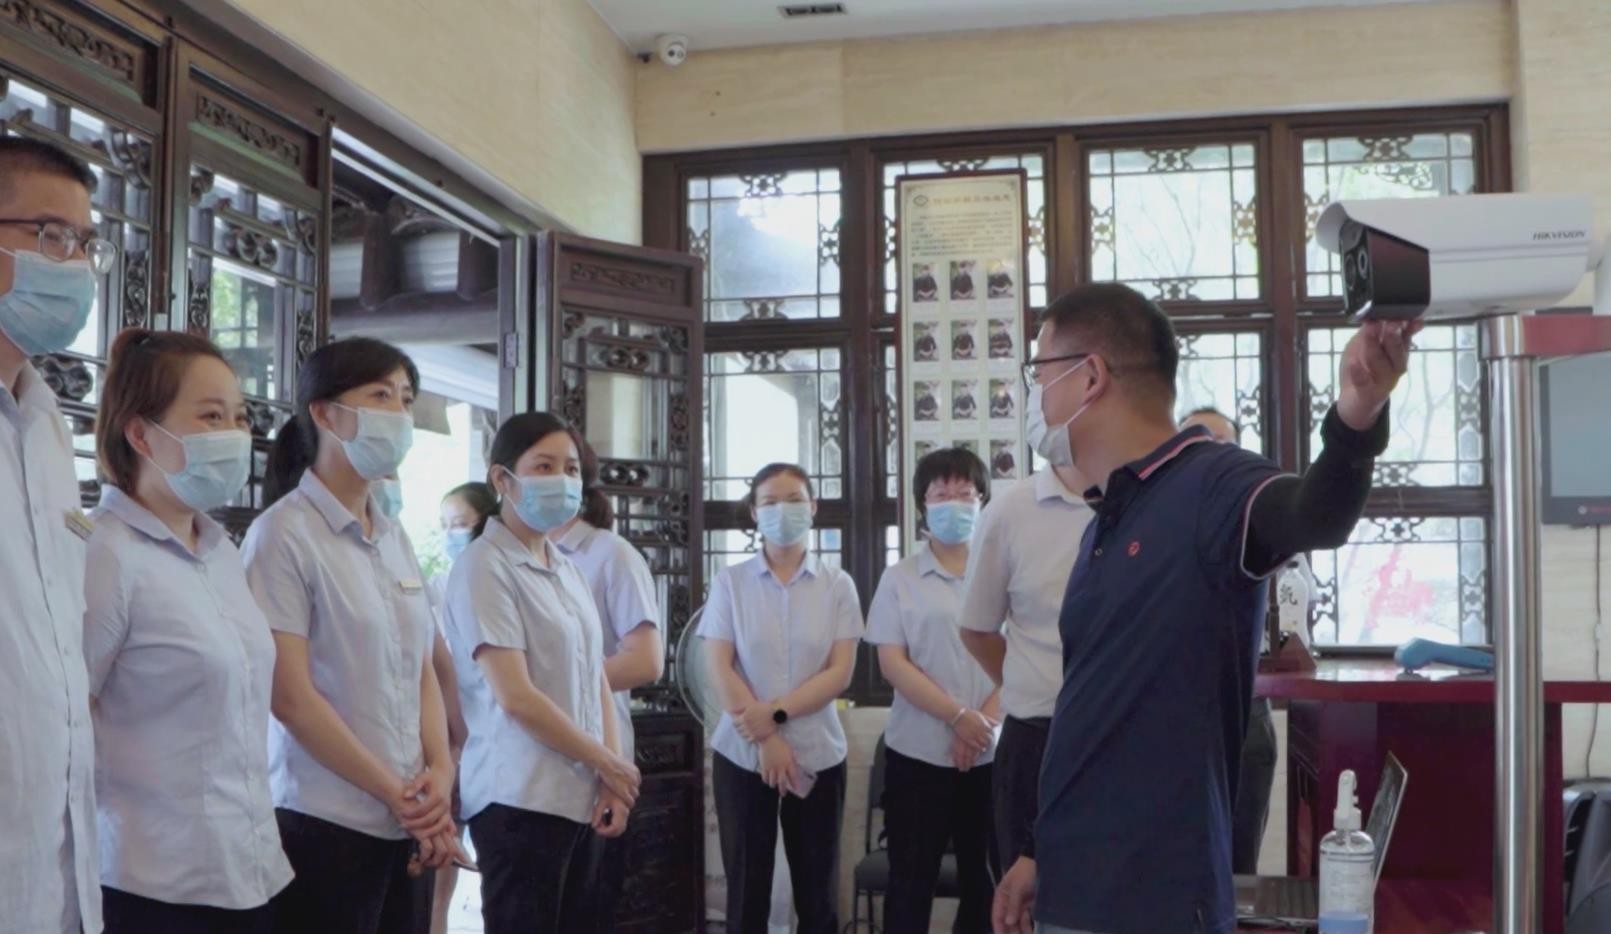 聚势突围!国内首部文旅抗疫微纪录片震撼发布